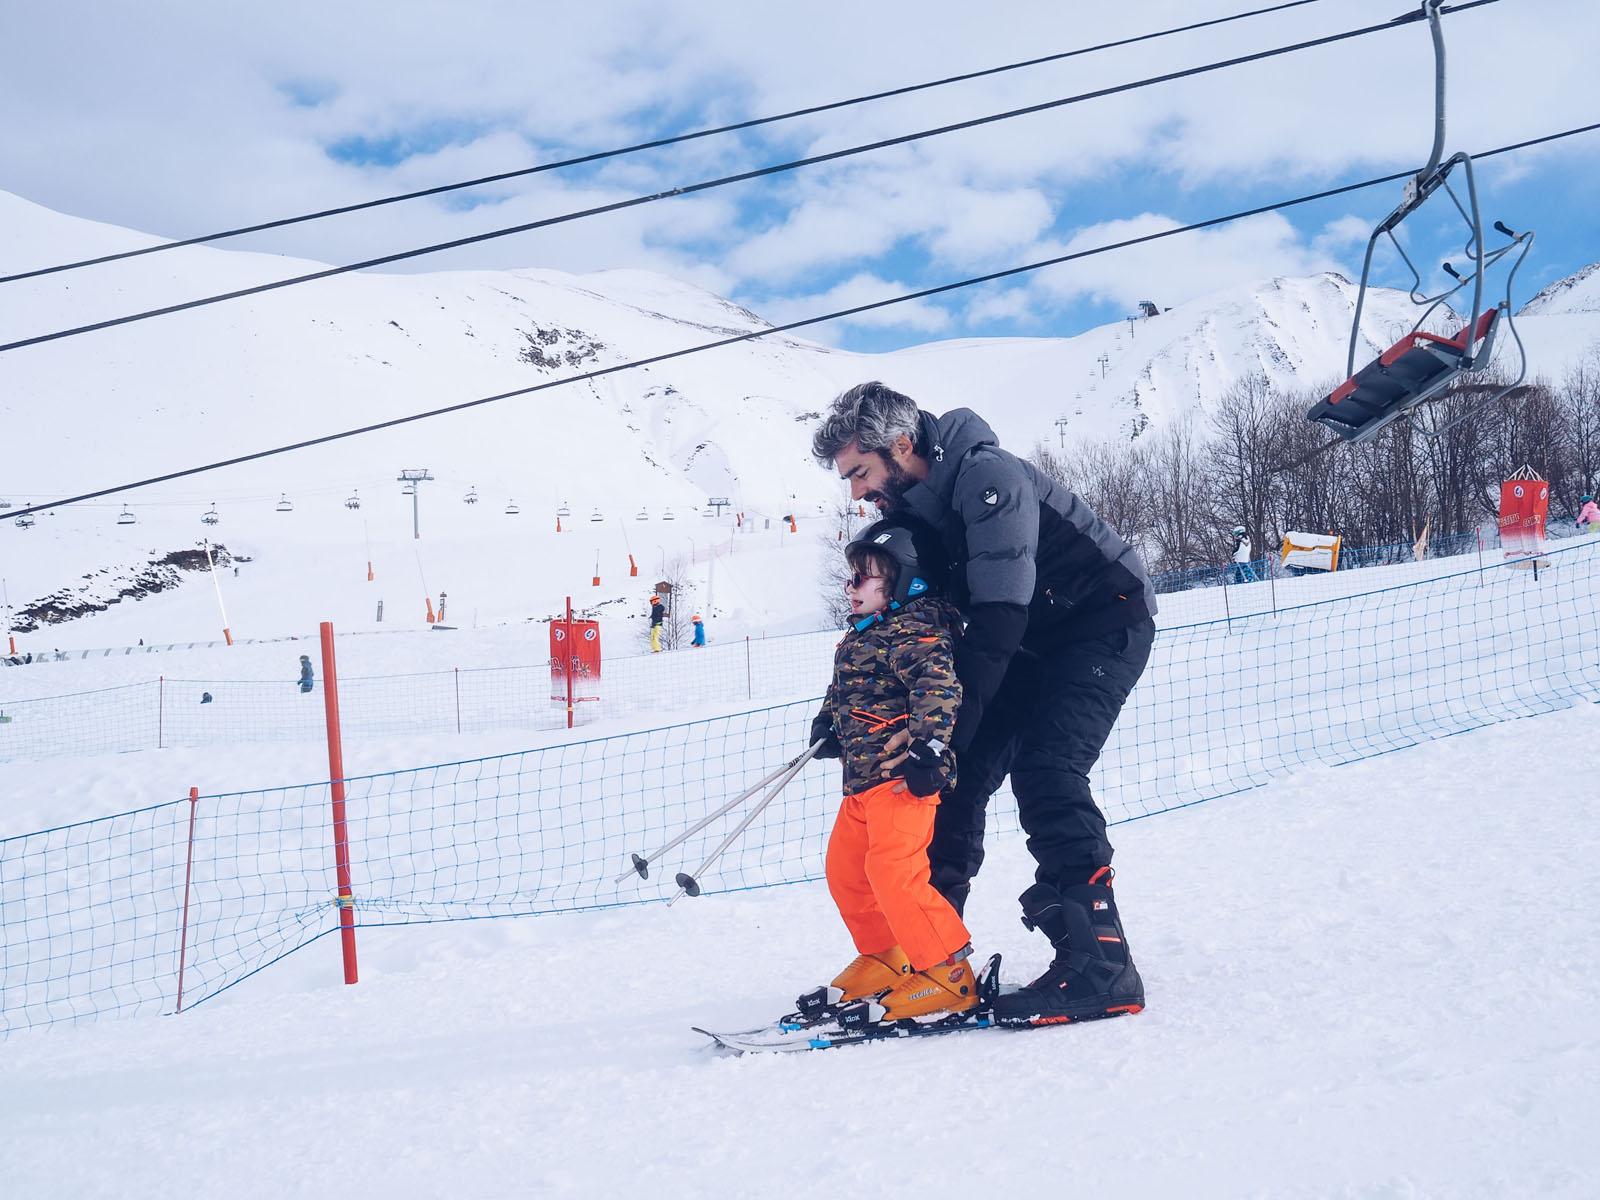 Vacances au ski en famille Hautes Pyrenees bonnes adresses hotel station l La Fiancee du Panda blog mariage et lifestyle-1018091